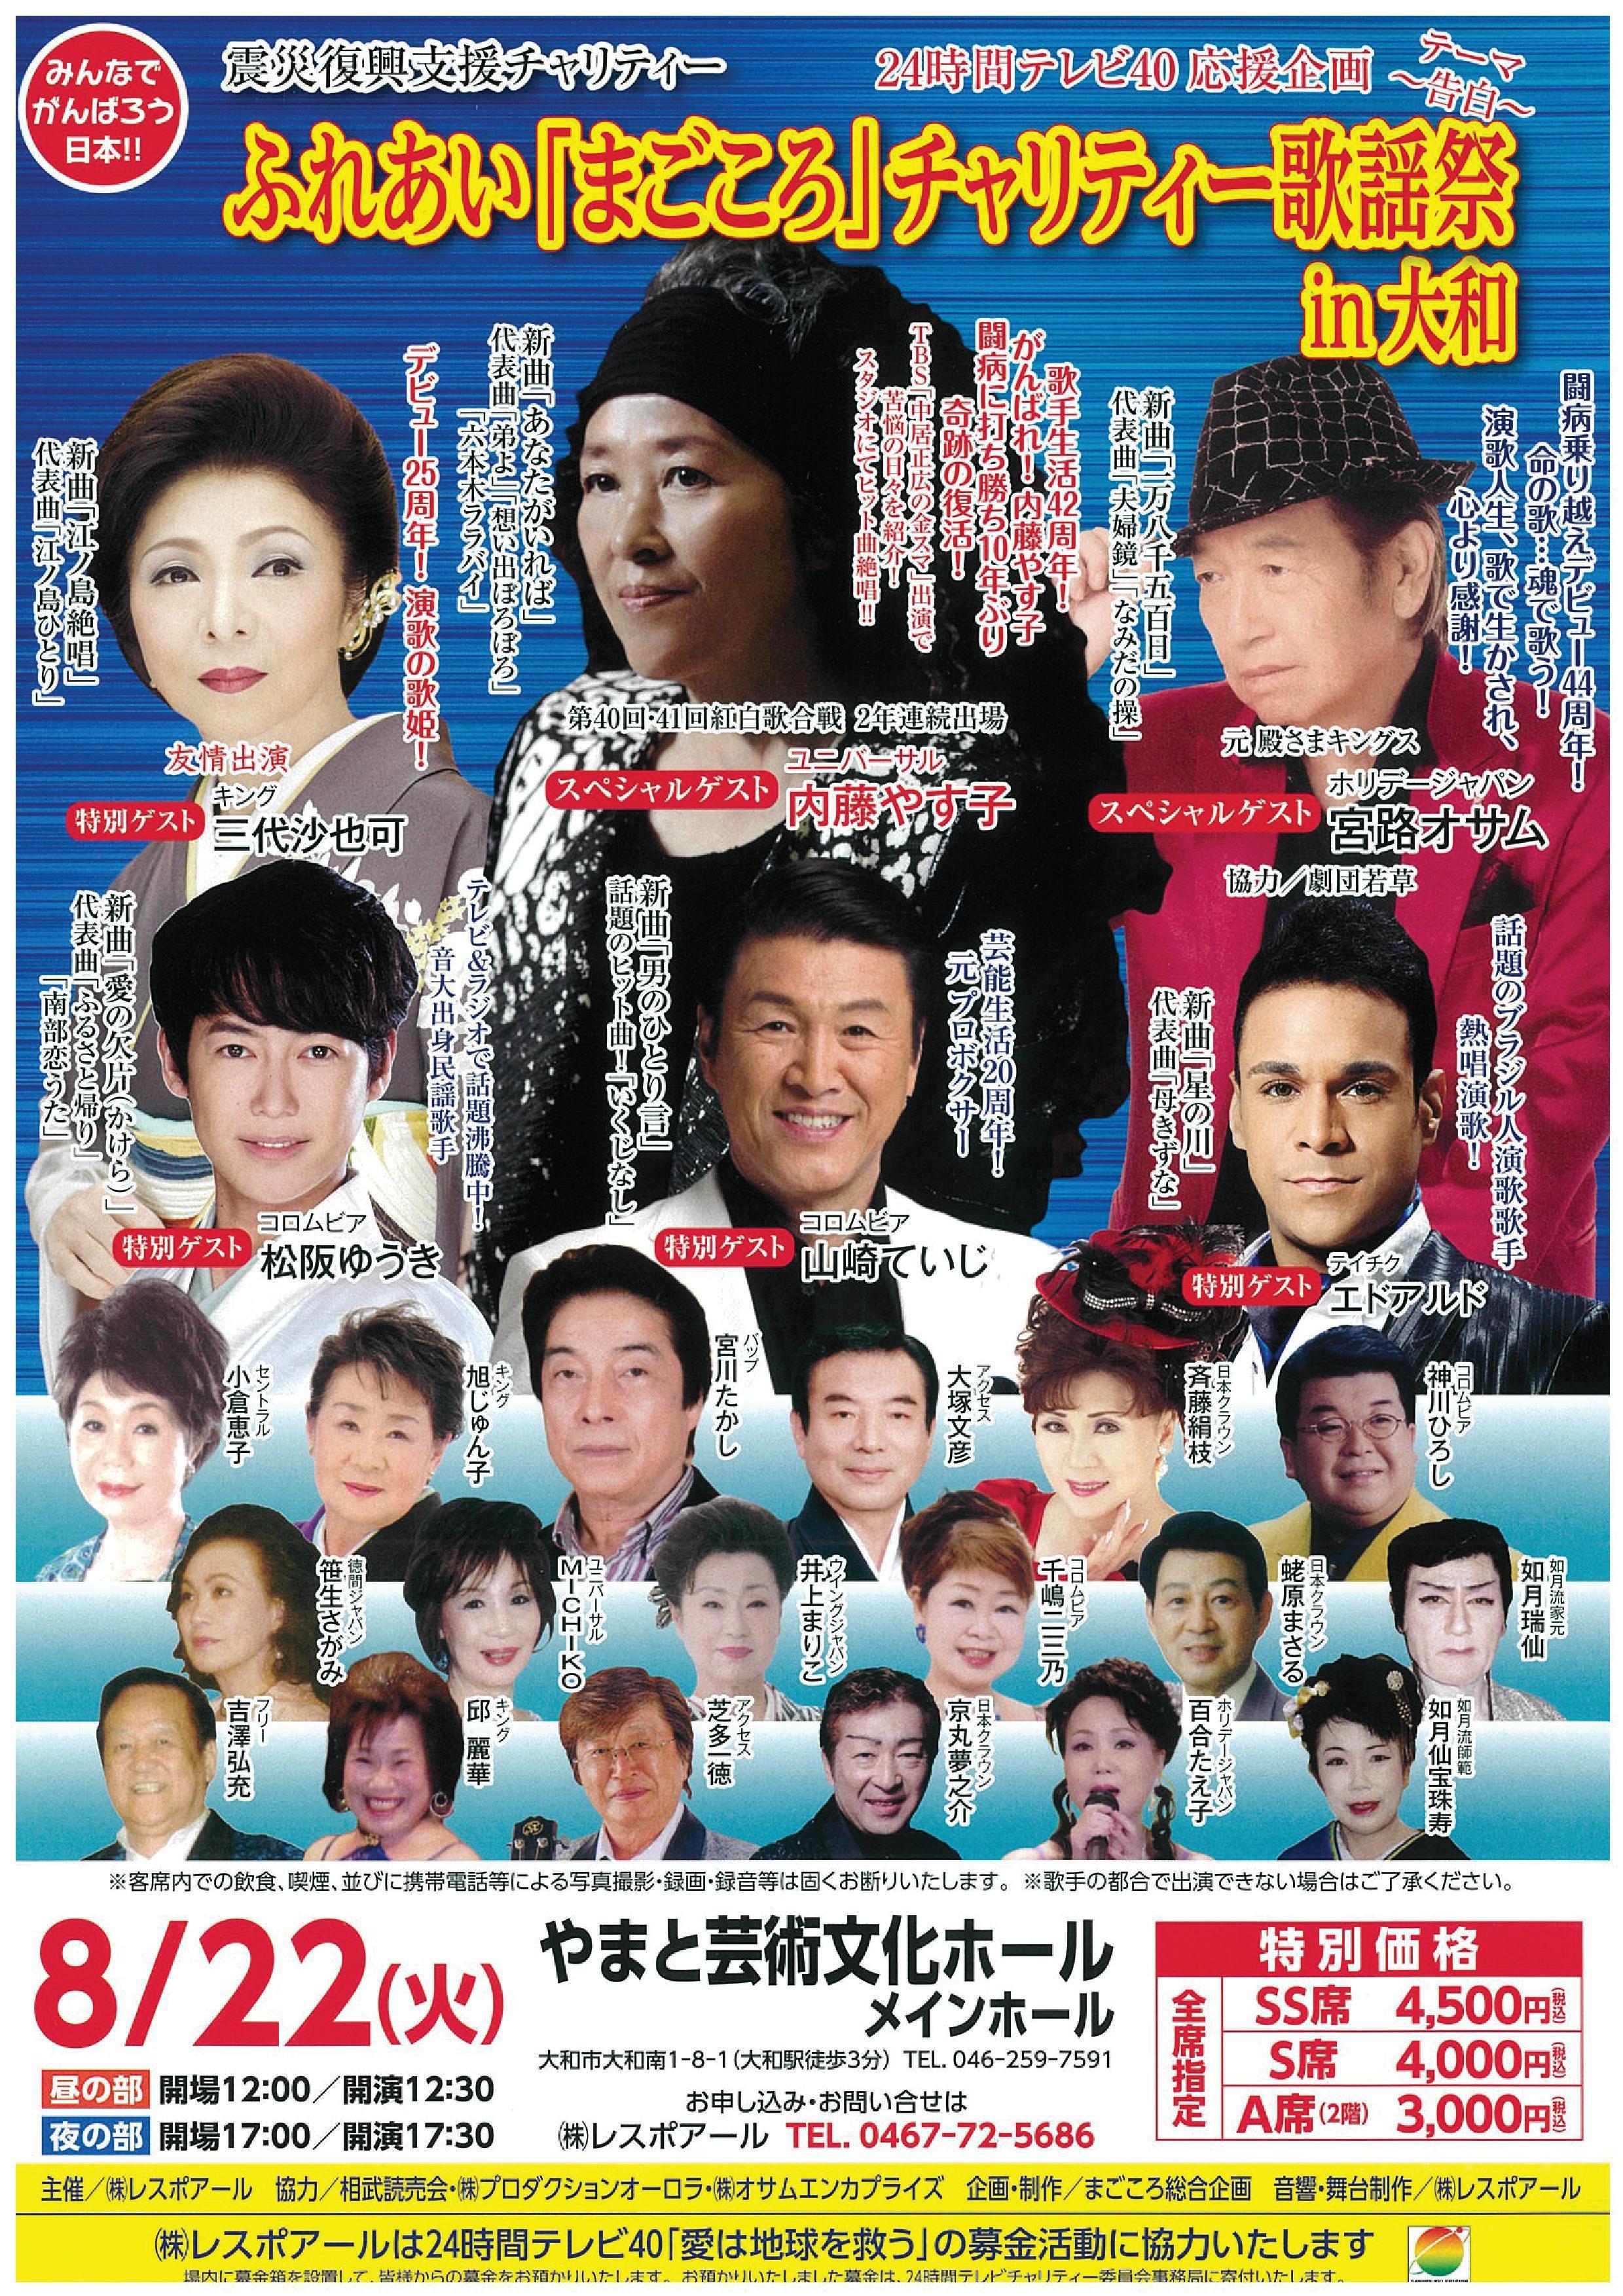 24時間テレビ40応援「ふれあいまごころ」チャリティー歌謡祭In大和